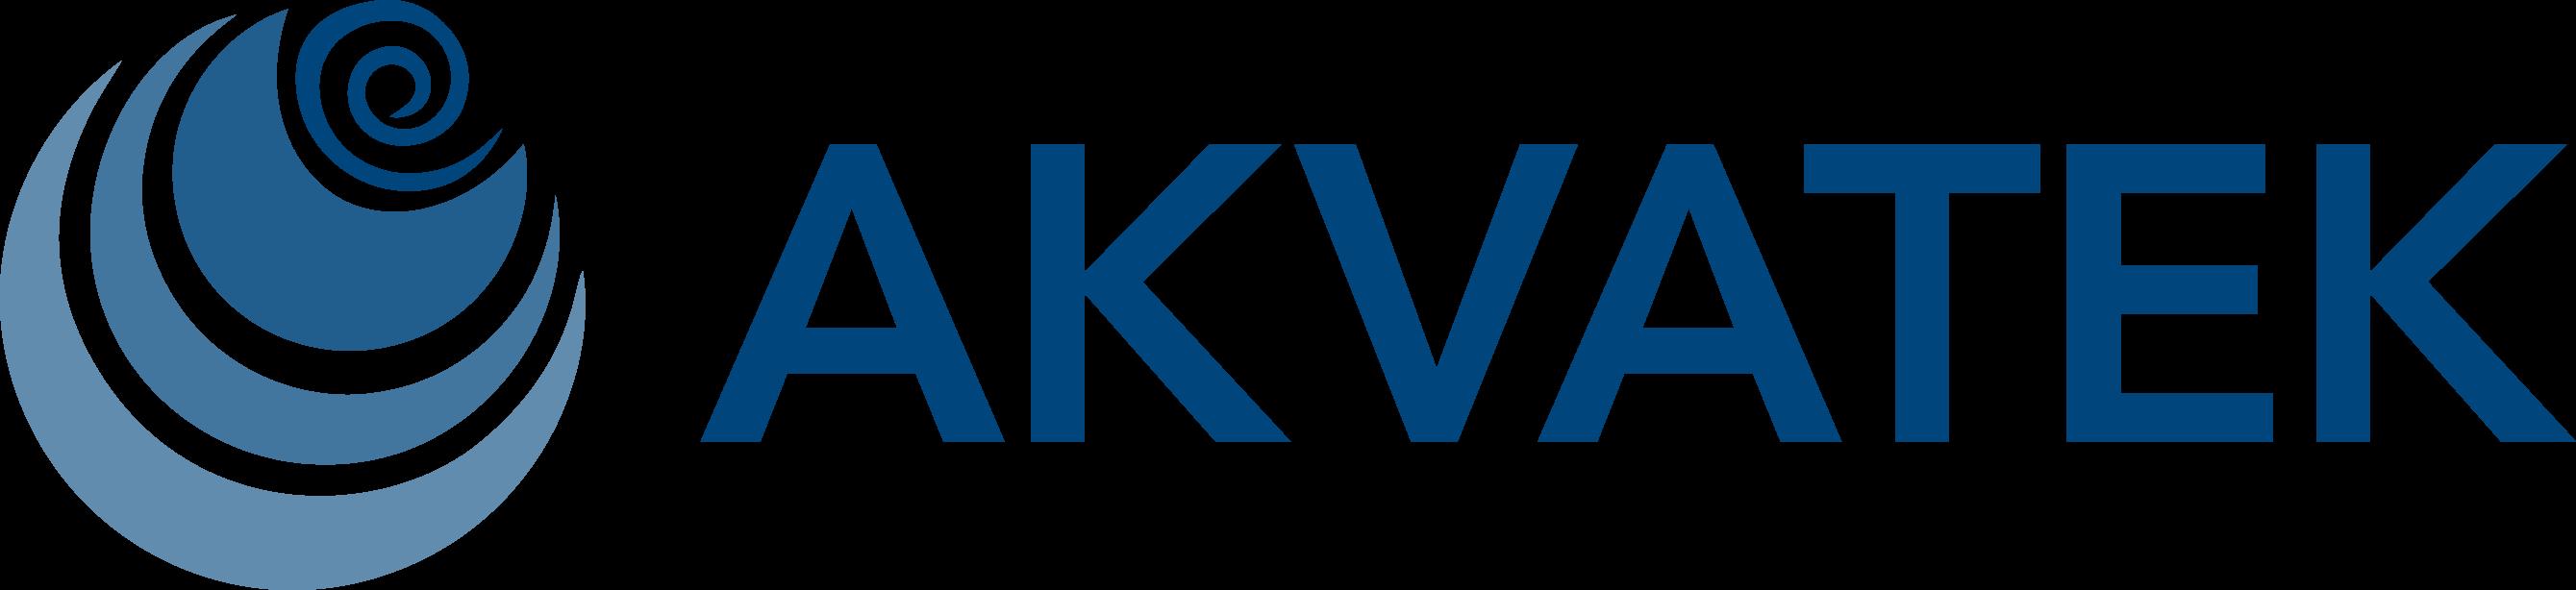 Akvatek Oy